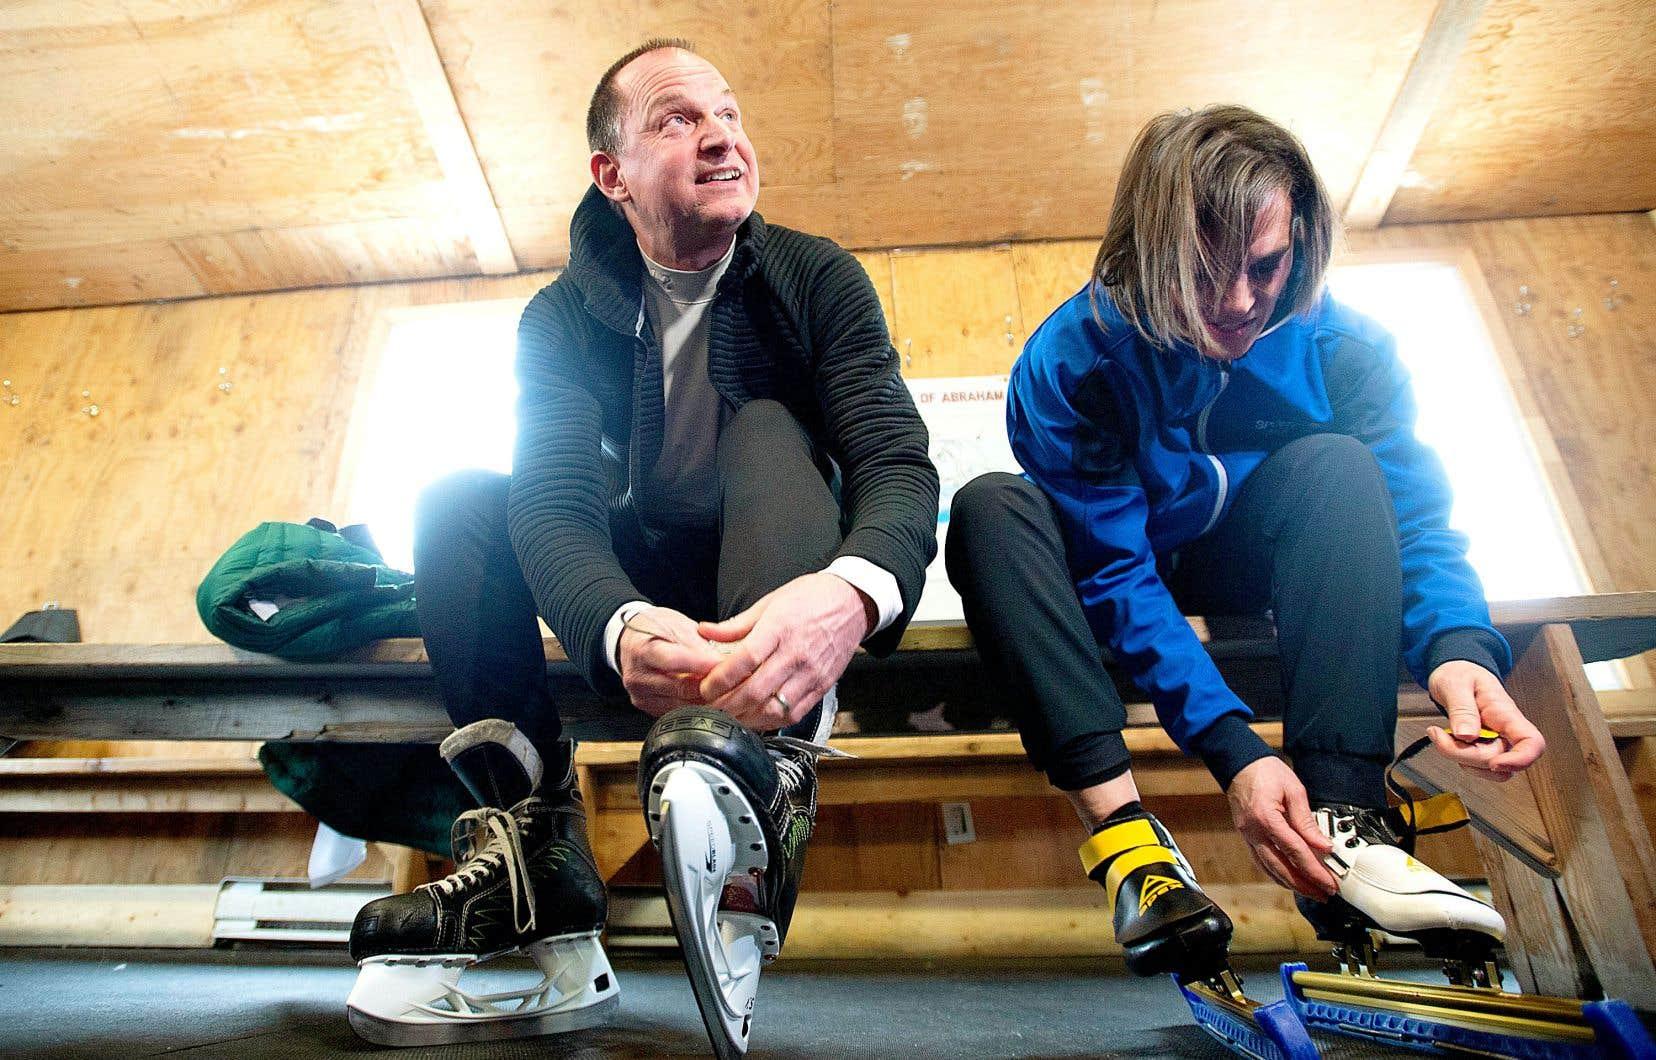 Le ministre Eric Girard a chaussé ses patins aux côtés de la ministre Isabelle Charest, lundi, à Québec, à la veille de la présentation du budget provincial.